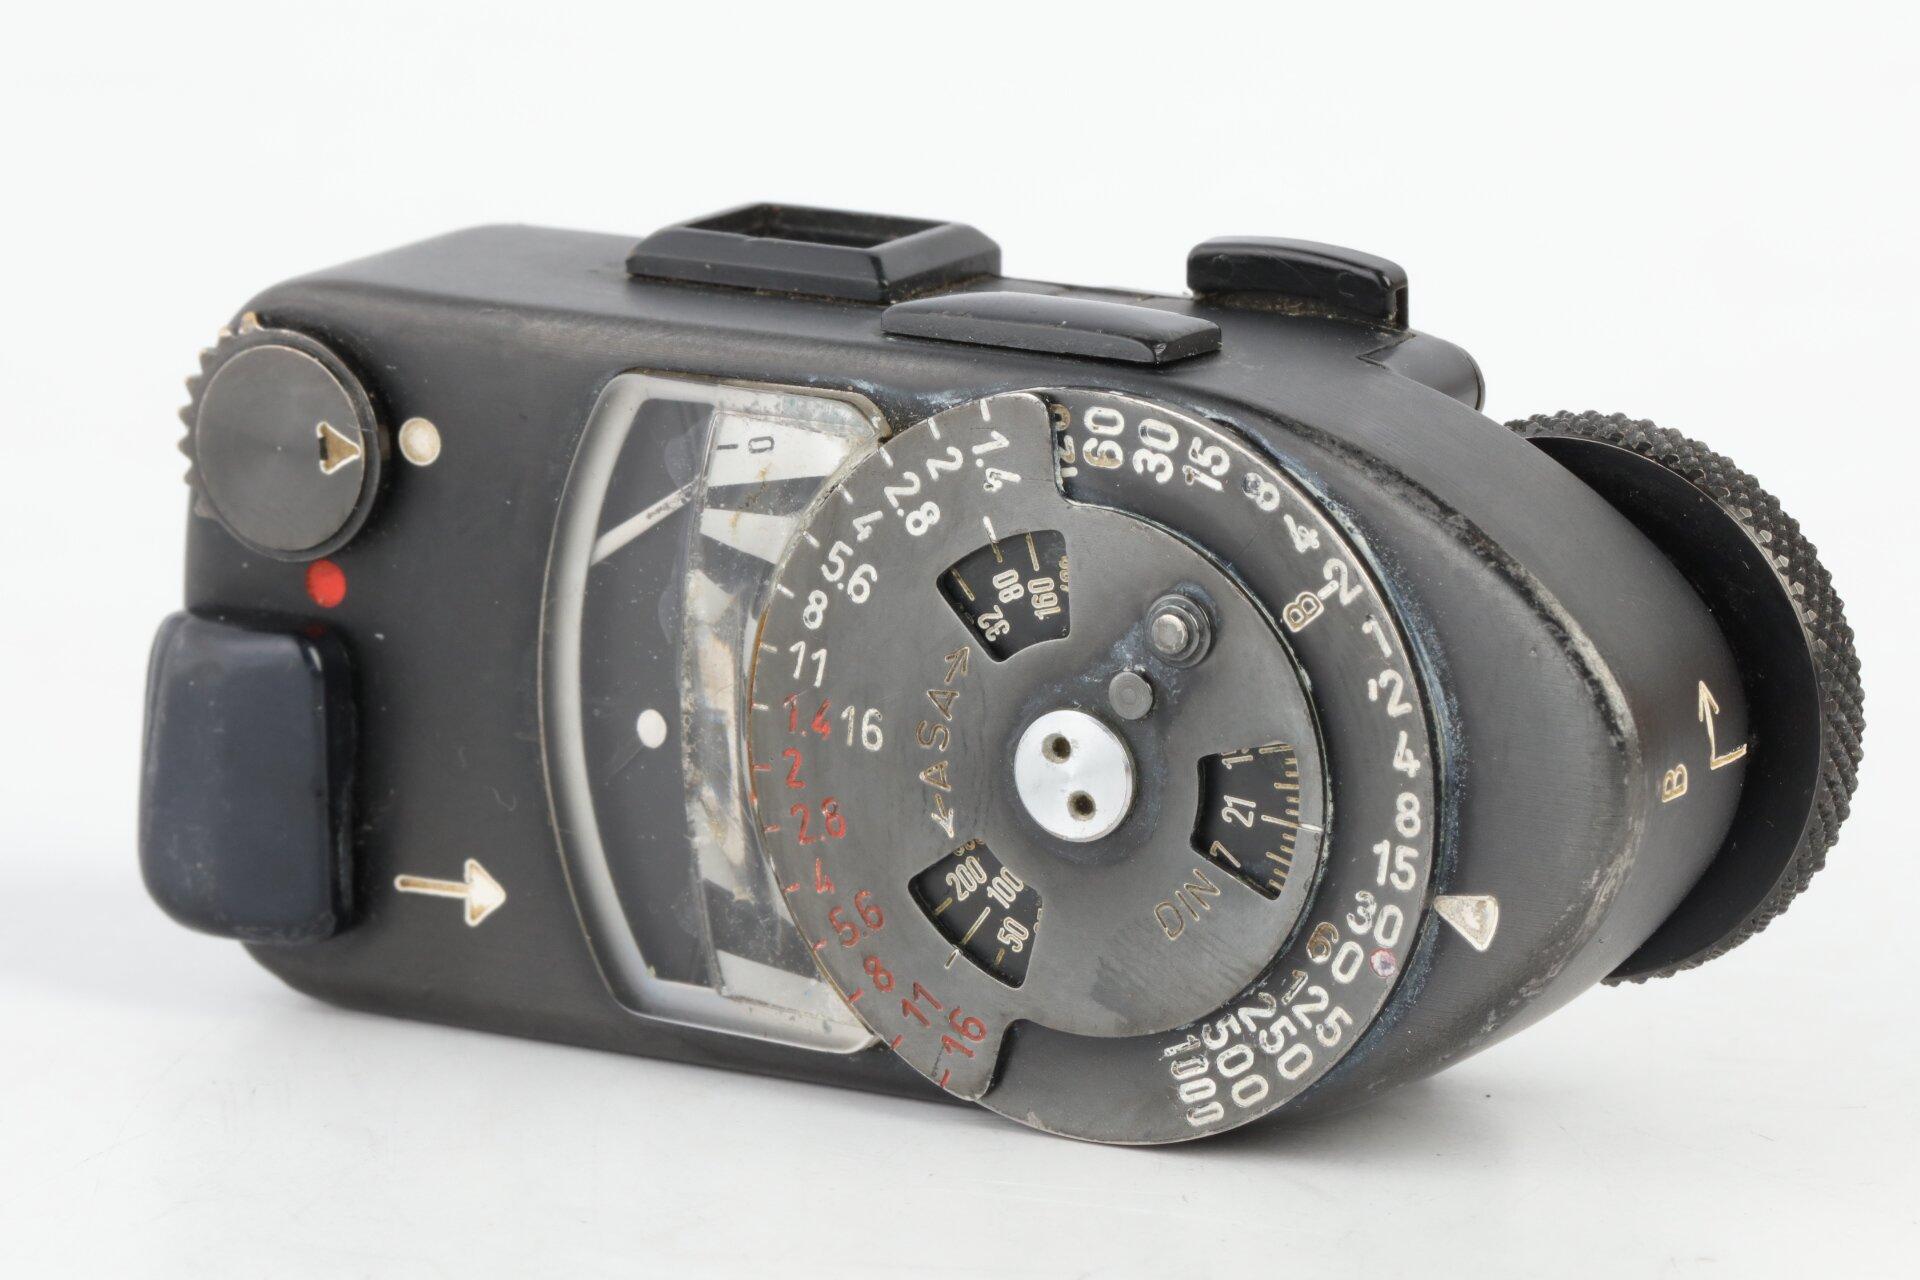 Leica Meter MR schwarz 14218